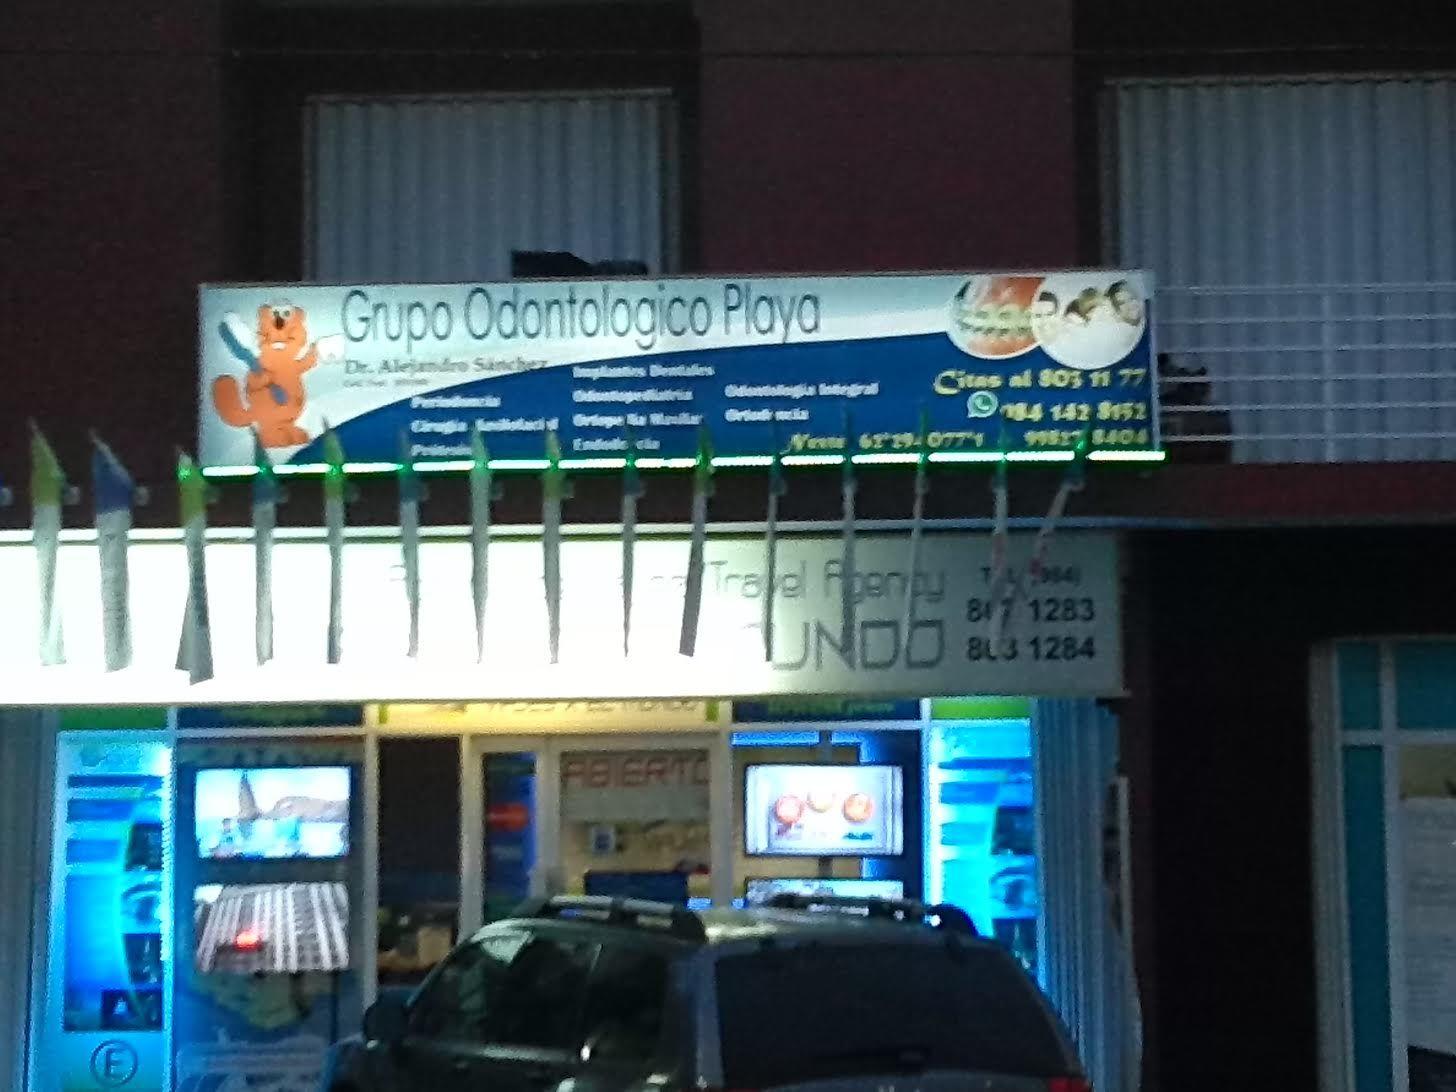 Soluciones Dentales Inteligentes - Playa Del Carmen